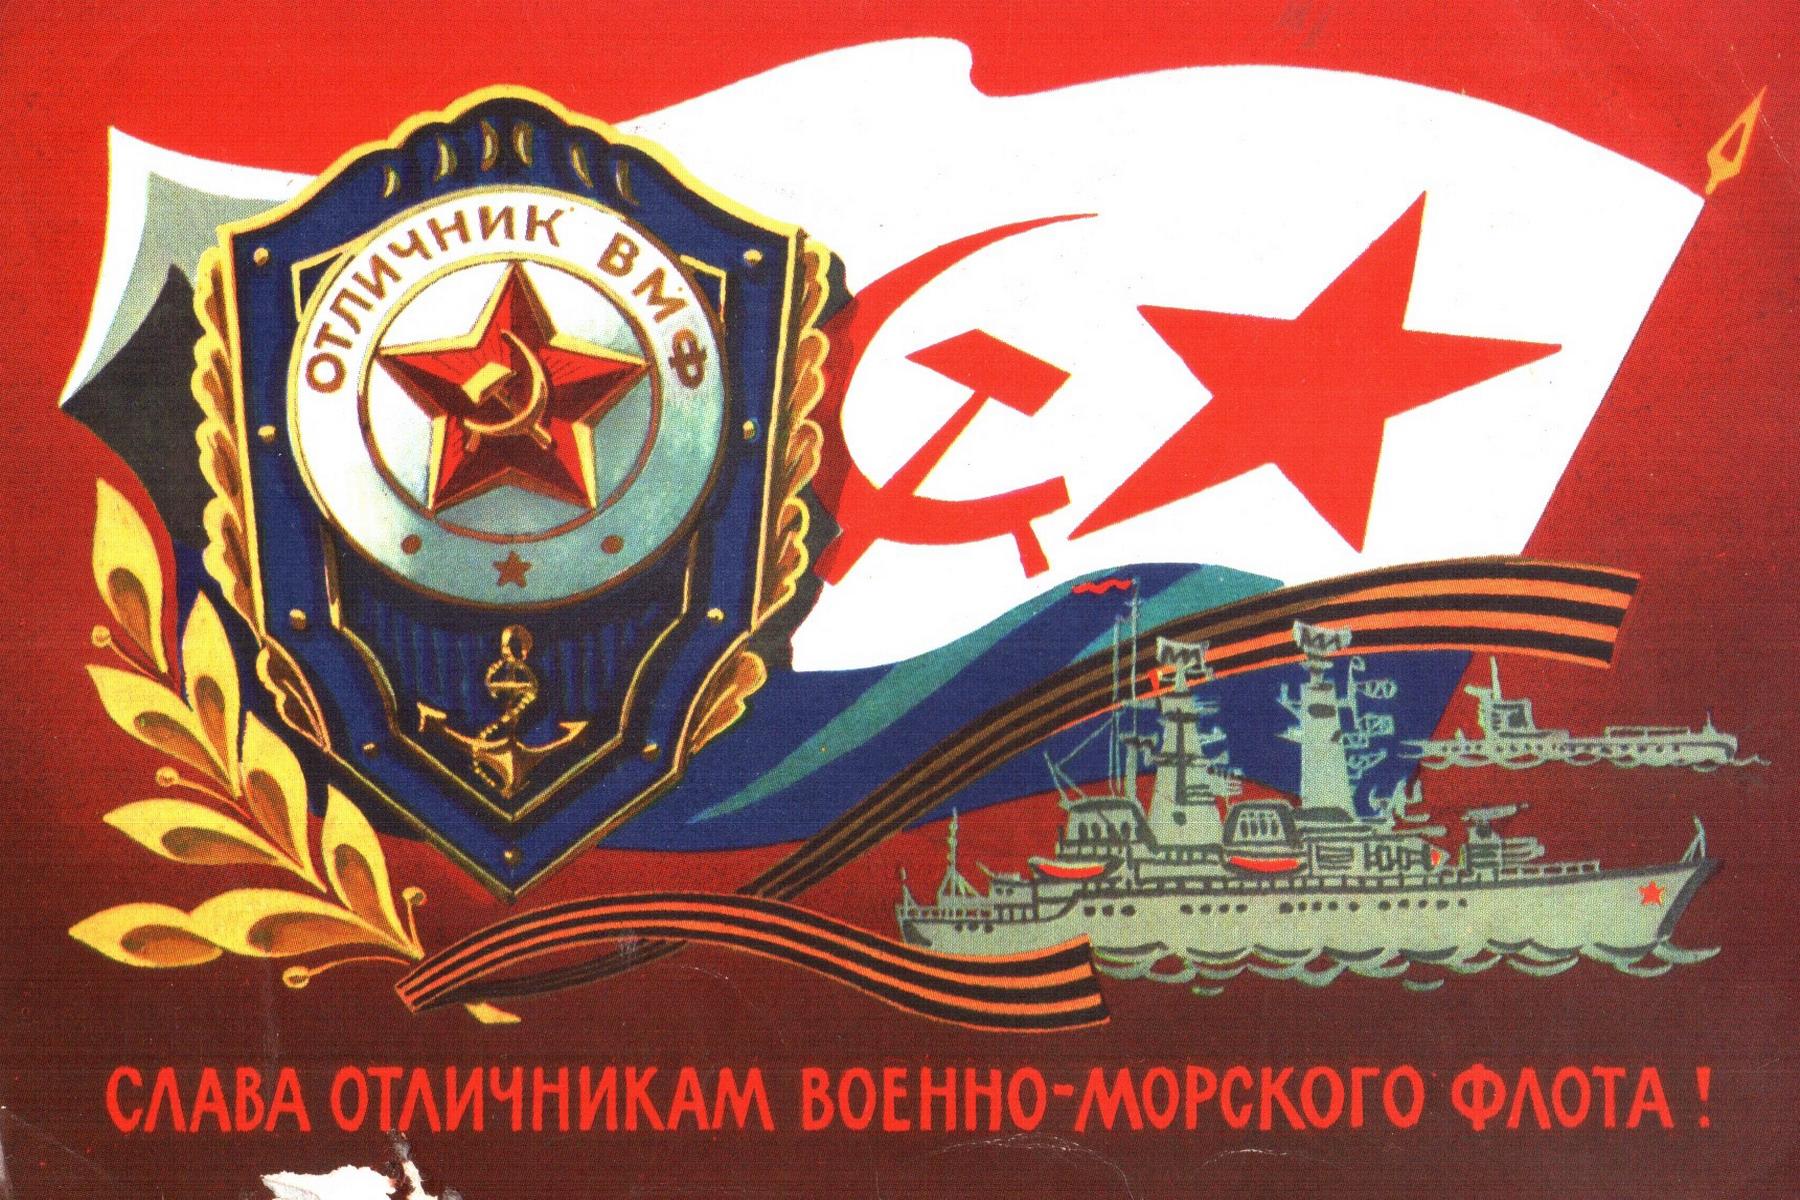 Поздравления с днем военно морского флота своими словами